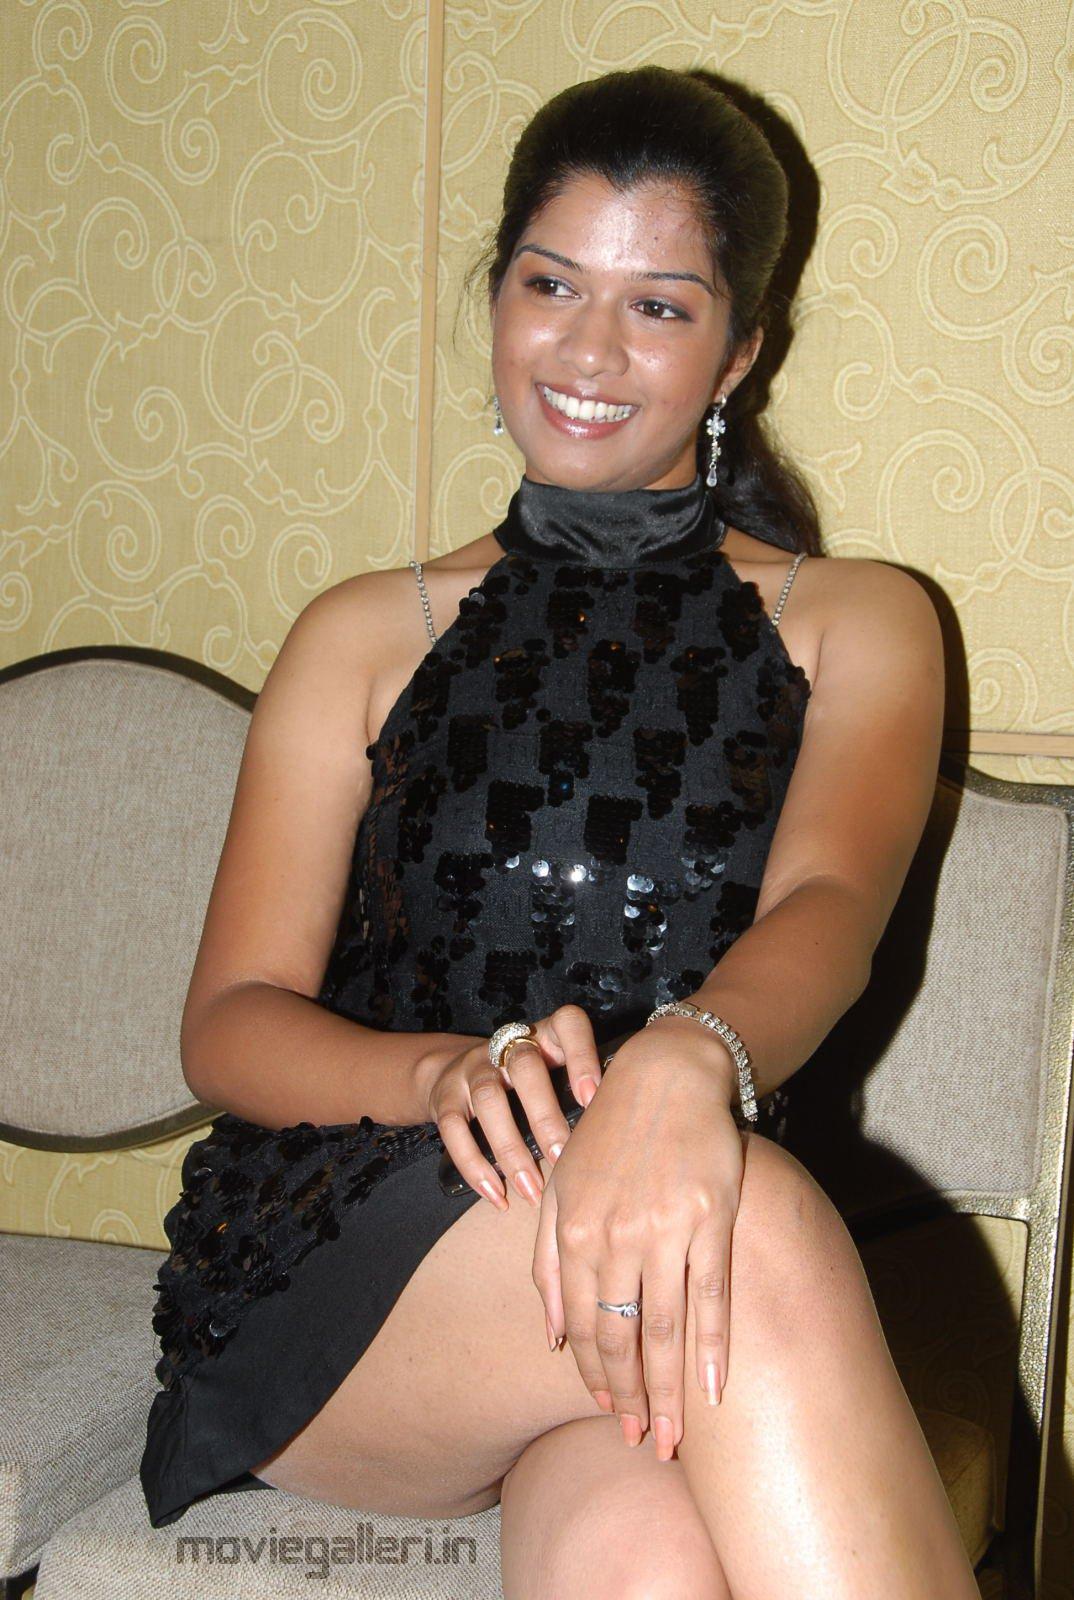 http://4.bp.blogspot.com/_6Vr9b9OoZno/TODiwbKbVSI/AAAAAAAAEBA/U82bgExFaGA/s1600/actress_nakshatra_hot_photo_shoot_stills_01.JPG